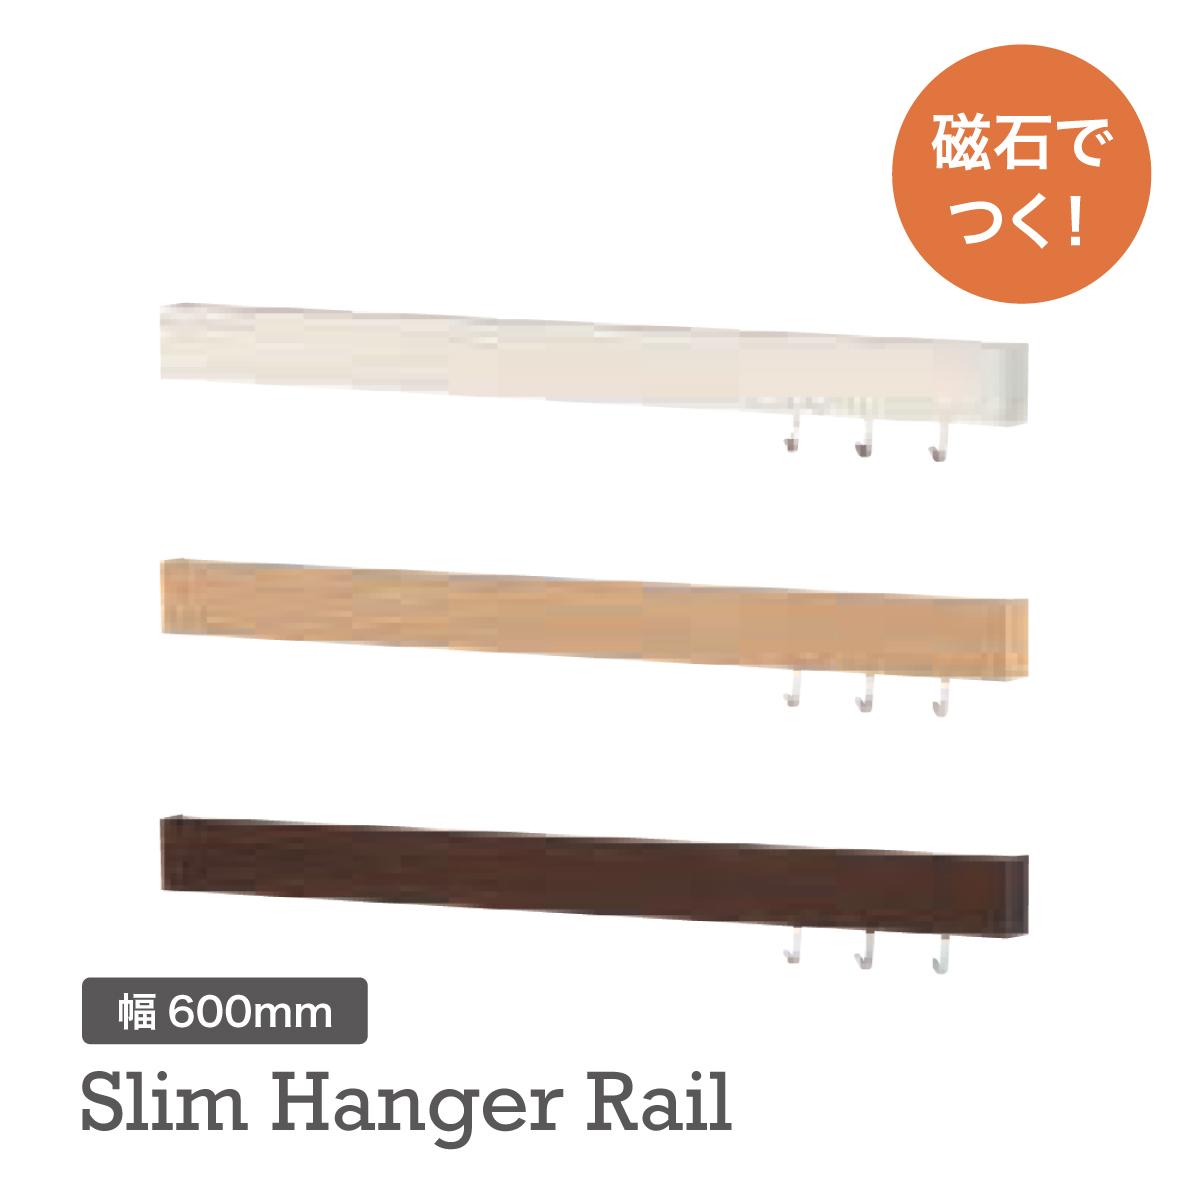 ハンガーレール 市販 スリム フック 磁石でつく マグネット 推奨 磁石で着くスリムハンガーレール幅600 mm 収納 マグネット収納